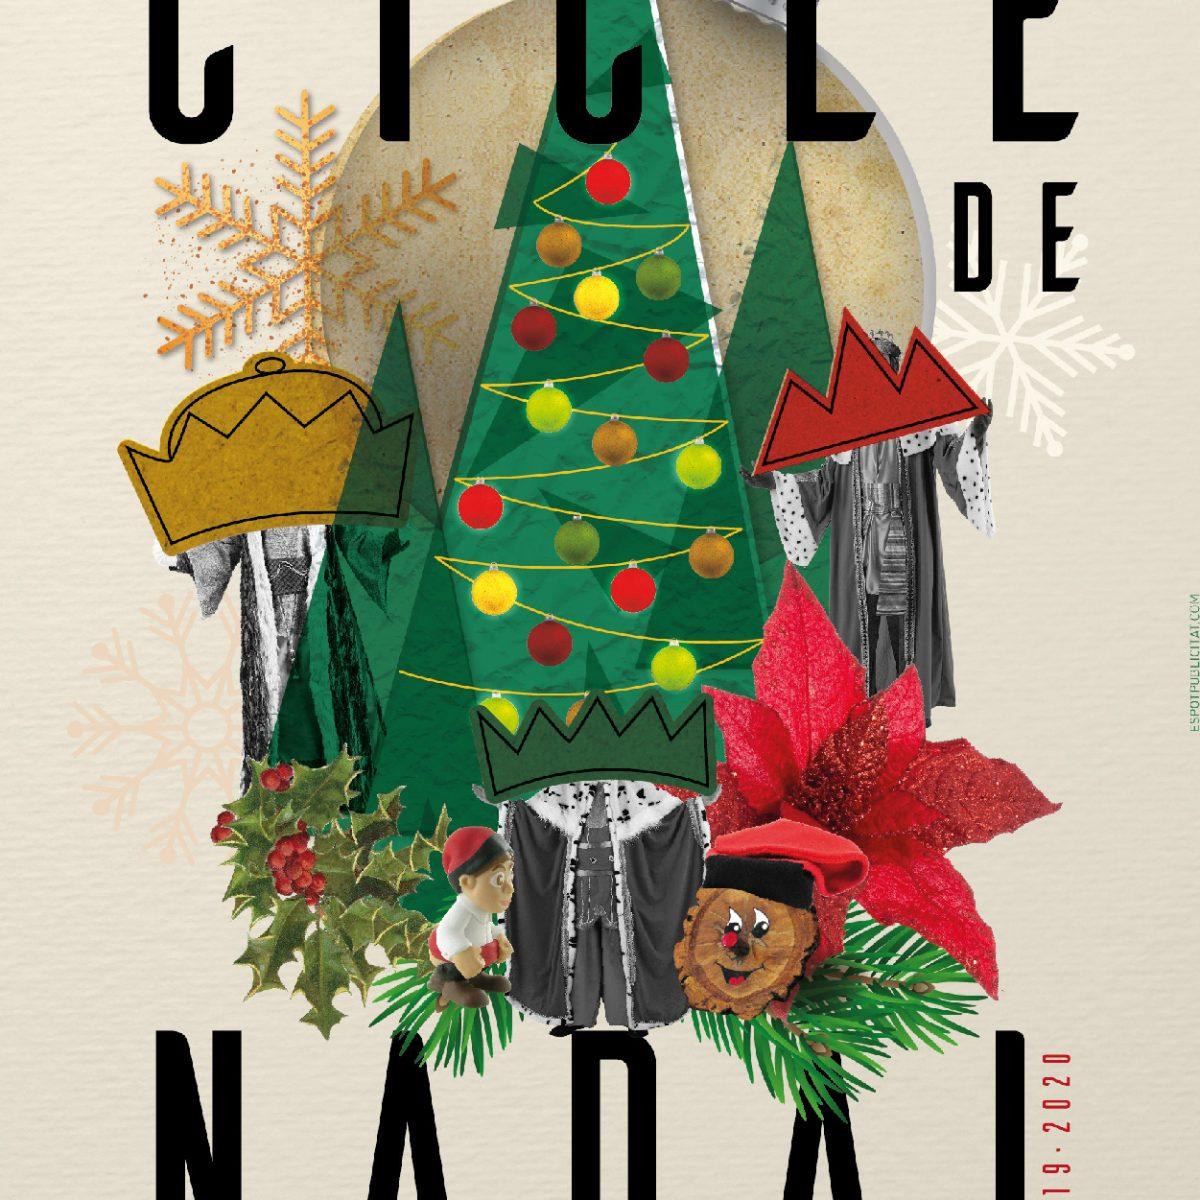 Cicle de Nadal